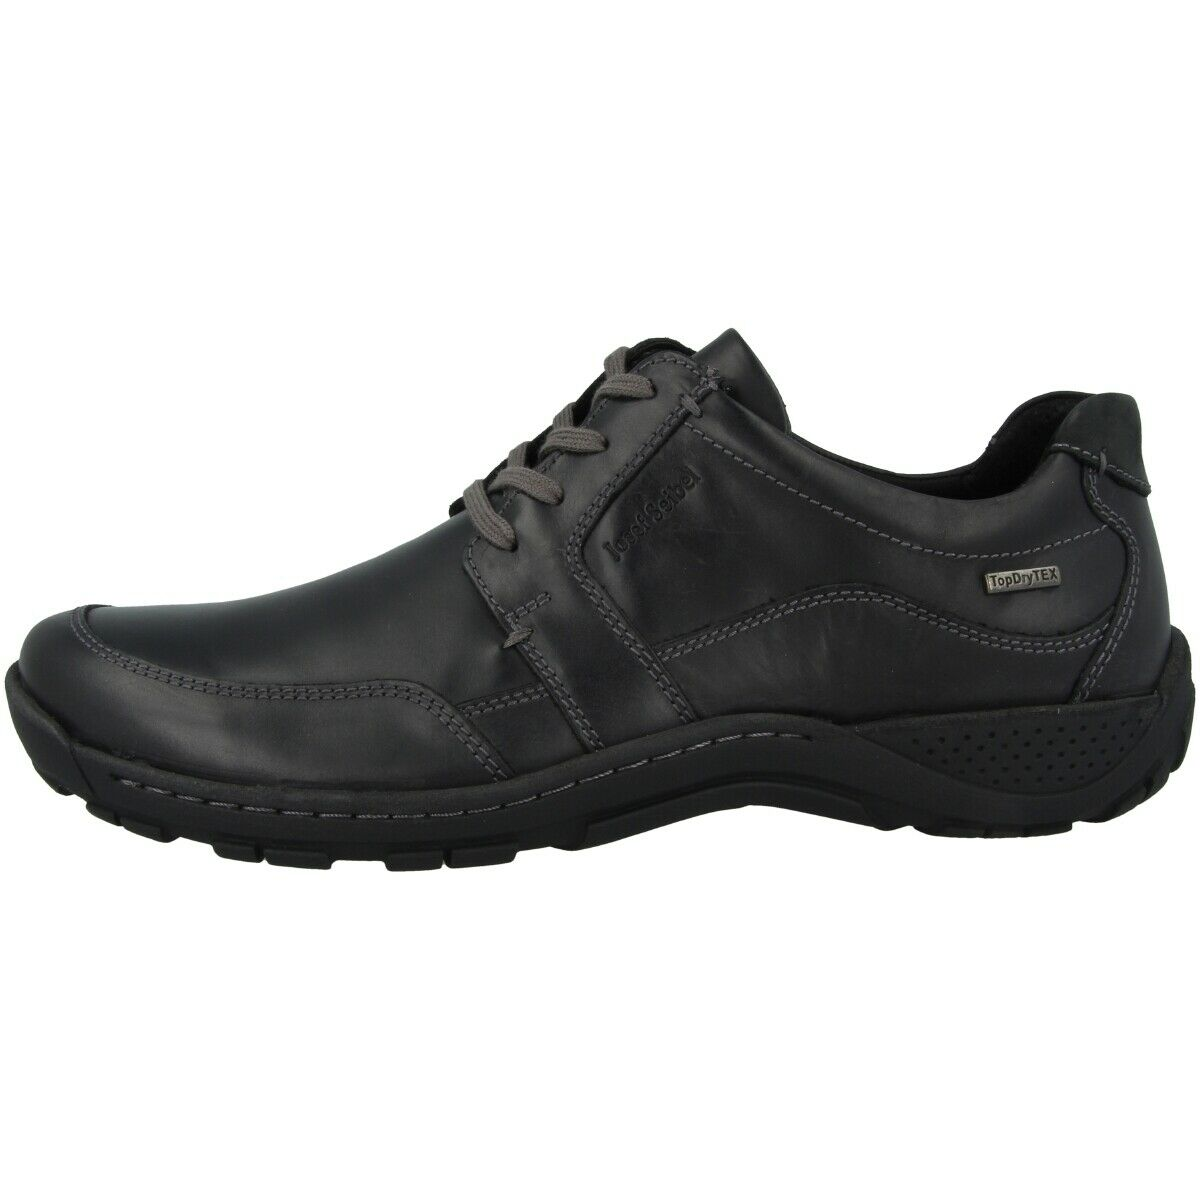 Josef Seibel Nolan 46 zapatos caballero zapatillas zapato bajo con cordones 17564-je145-100